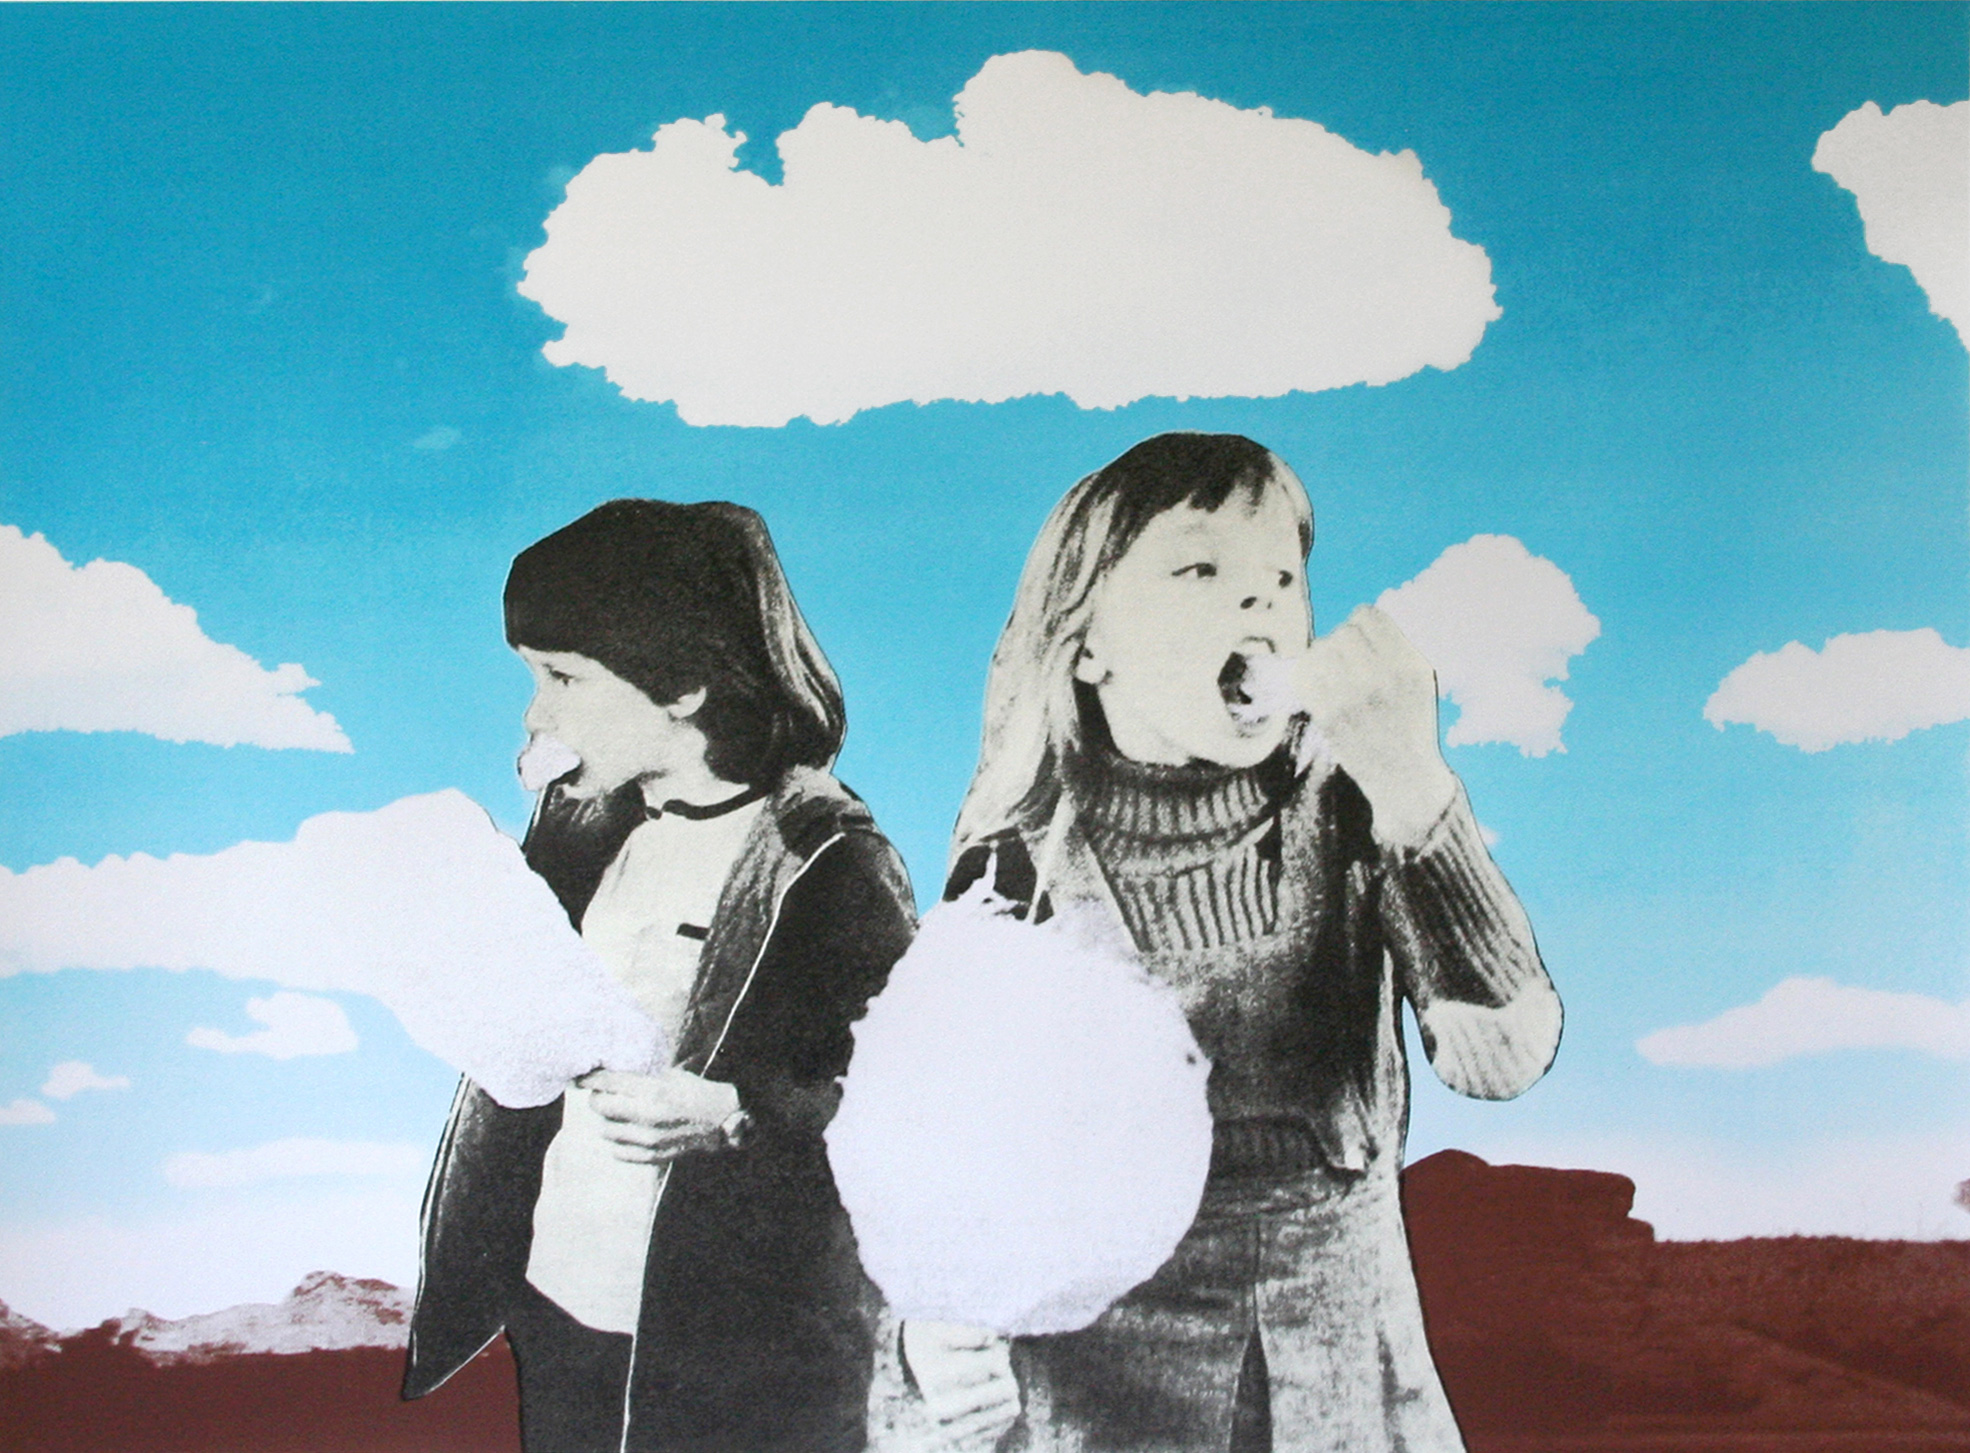 Cloud-Eaters-2015-Print-copy-cropped.jpg